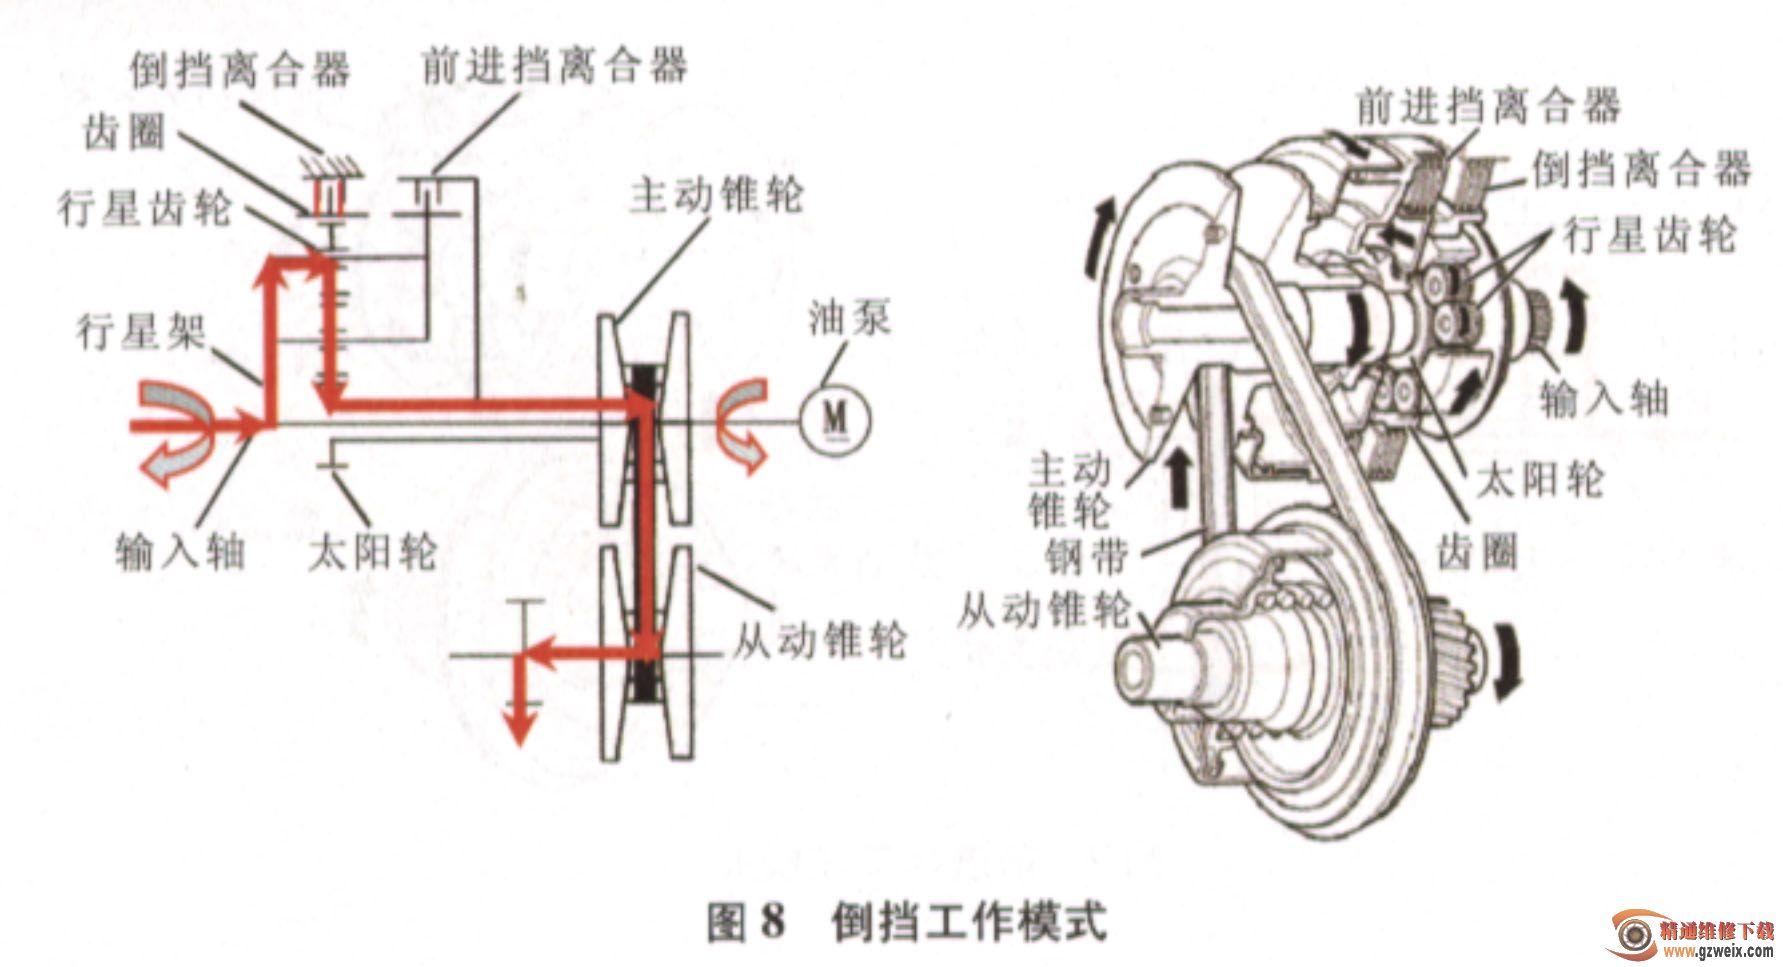 2.1扭转减振器 扭转减振器(图5)主要用来将发动机的转矩传递到变速器并在一定程度上降低传动系的扭转振动。多数传统自动变速器都使用液力变矩器连接发动机和变速器输入轴,长城炫丽车无级变速器则使用的是扭转减振器,结构简单,成本低。法兰零件与花键毅固定连接,当发动机转速与变速器输入轴转速不同步时,花键毅带动法兰零件相对连接盘发生转动,压缩减振弹簧,起到减振效果。  2.